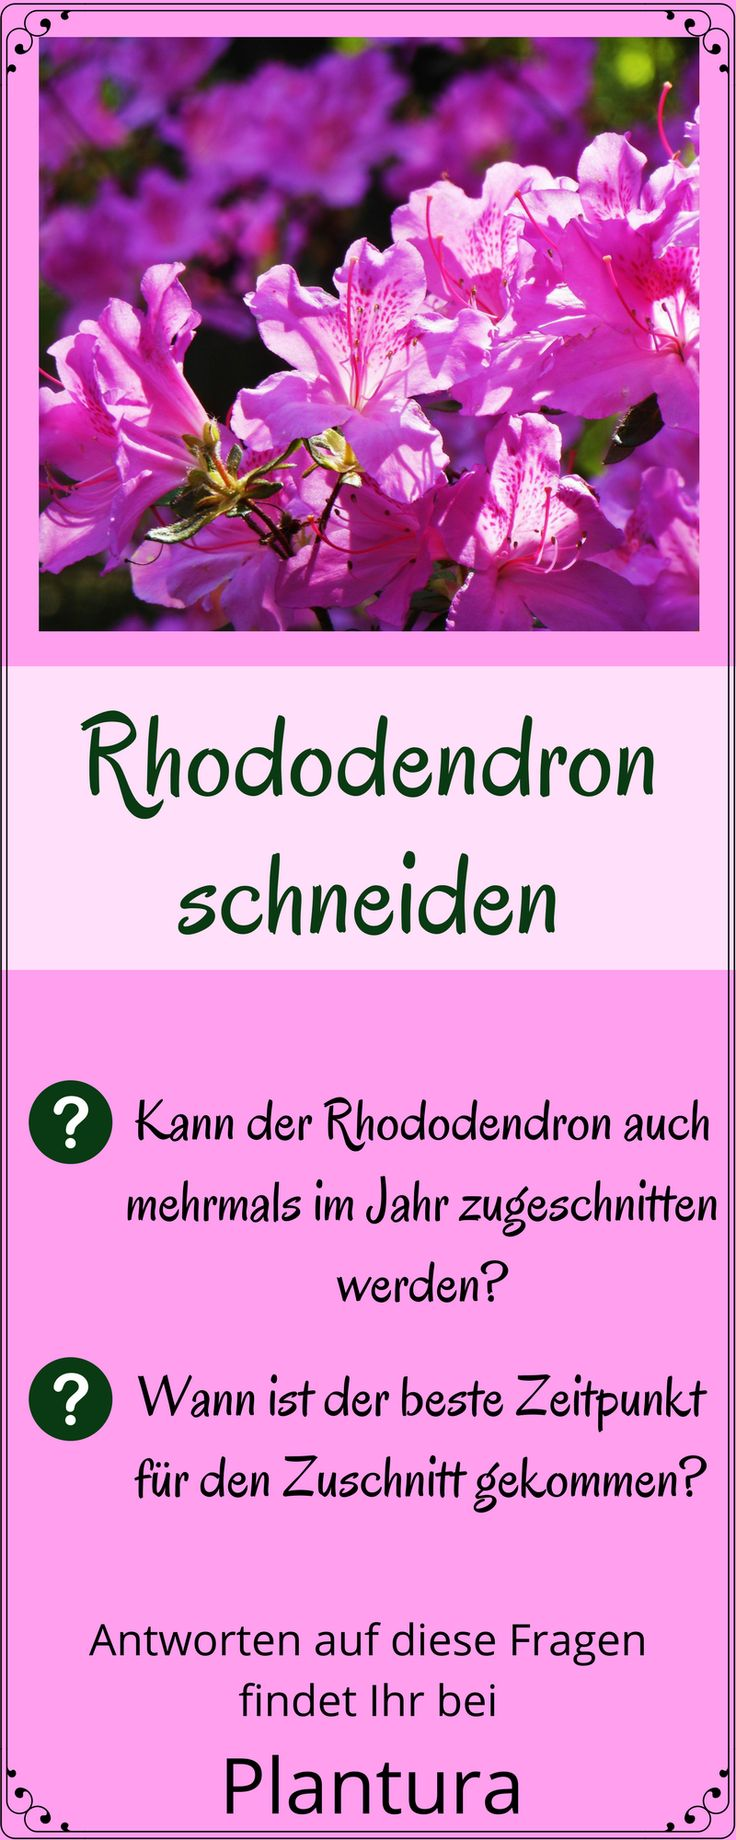 Rhododendron schneiden: Wann und wie richtig schneiden